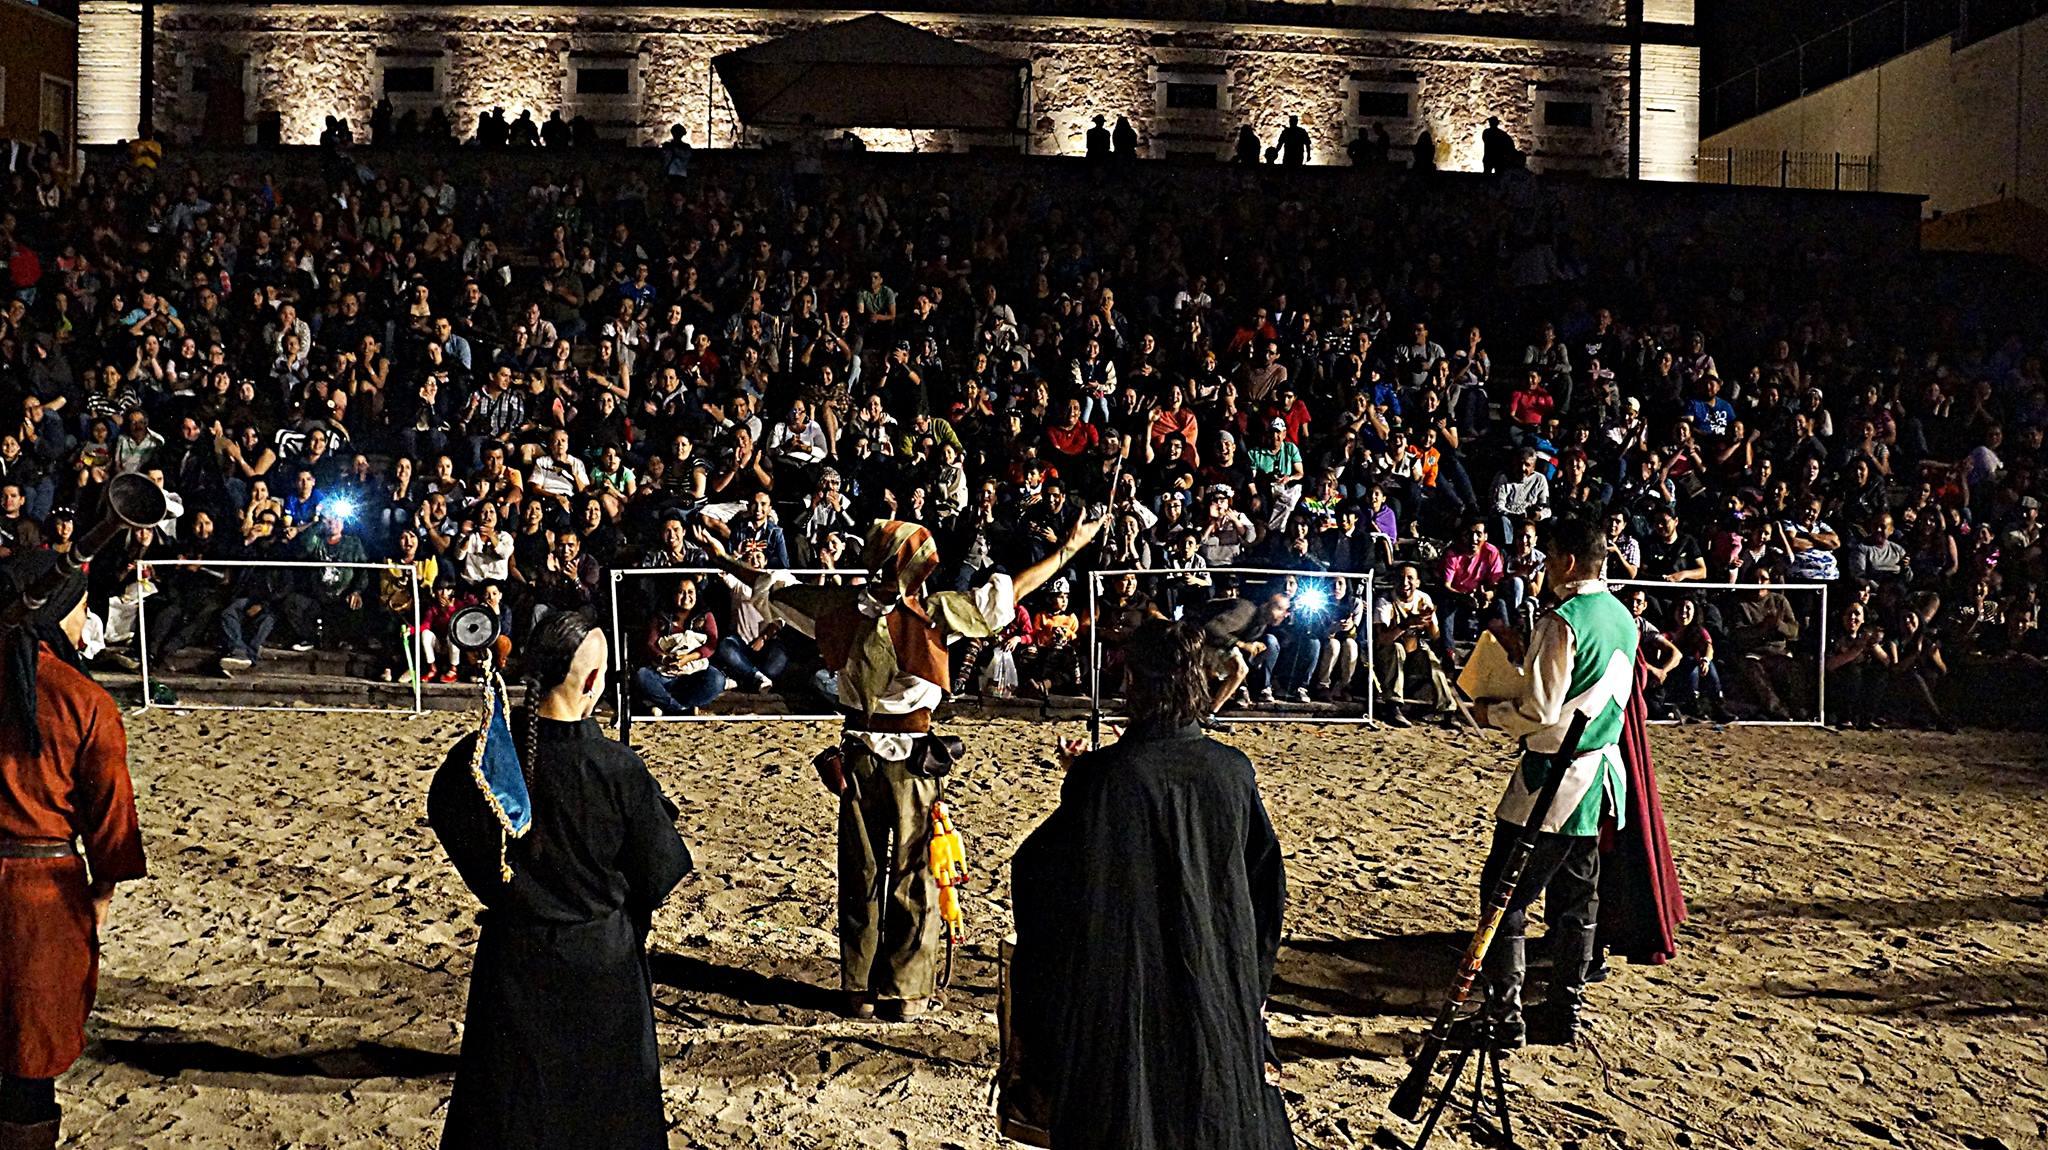 Alhondiga de Granaditas, sede del festival